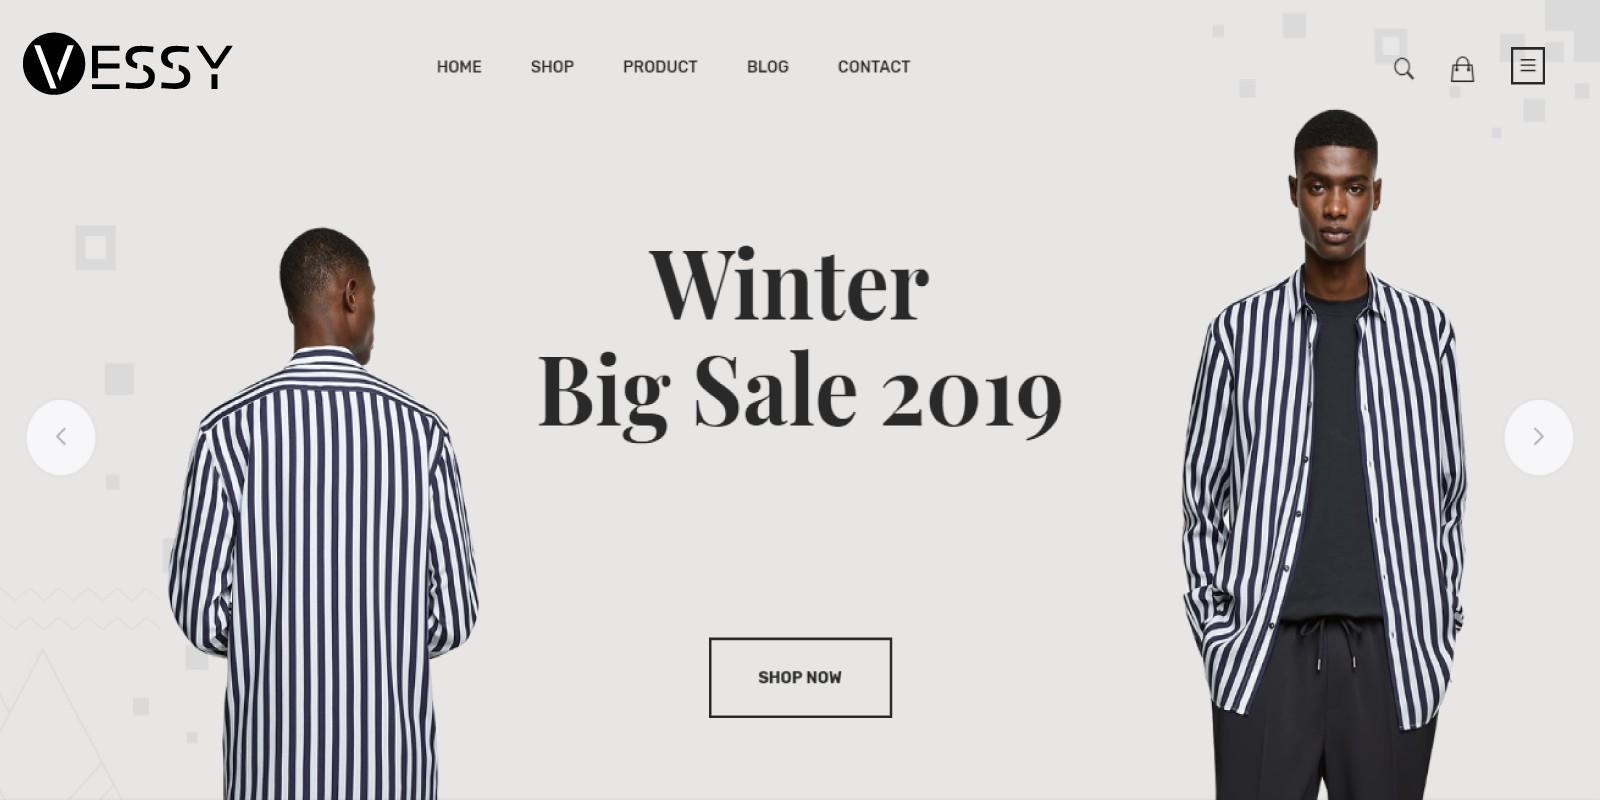 Vessy - Fashion Store Shopify Theme